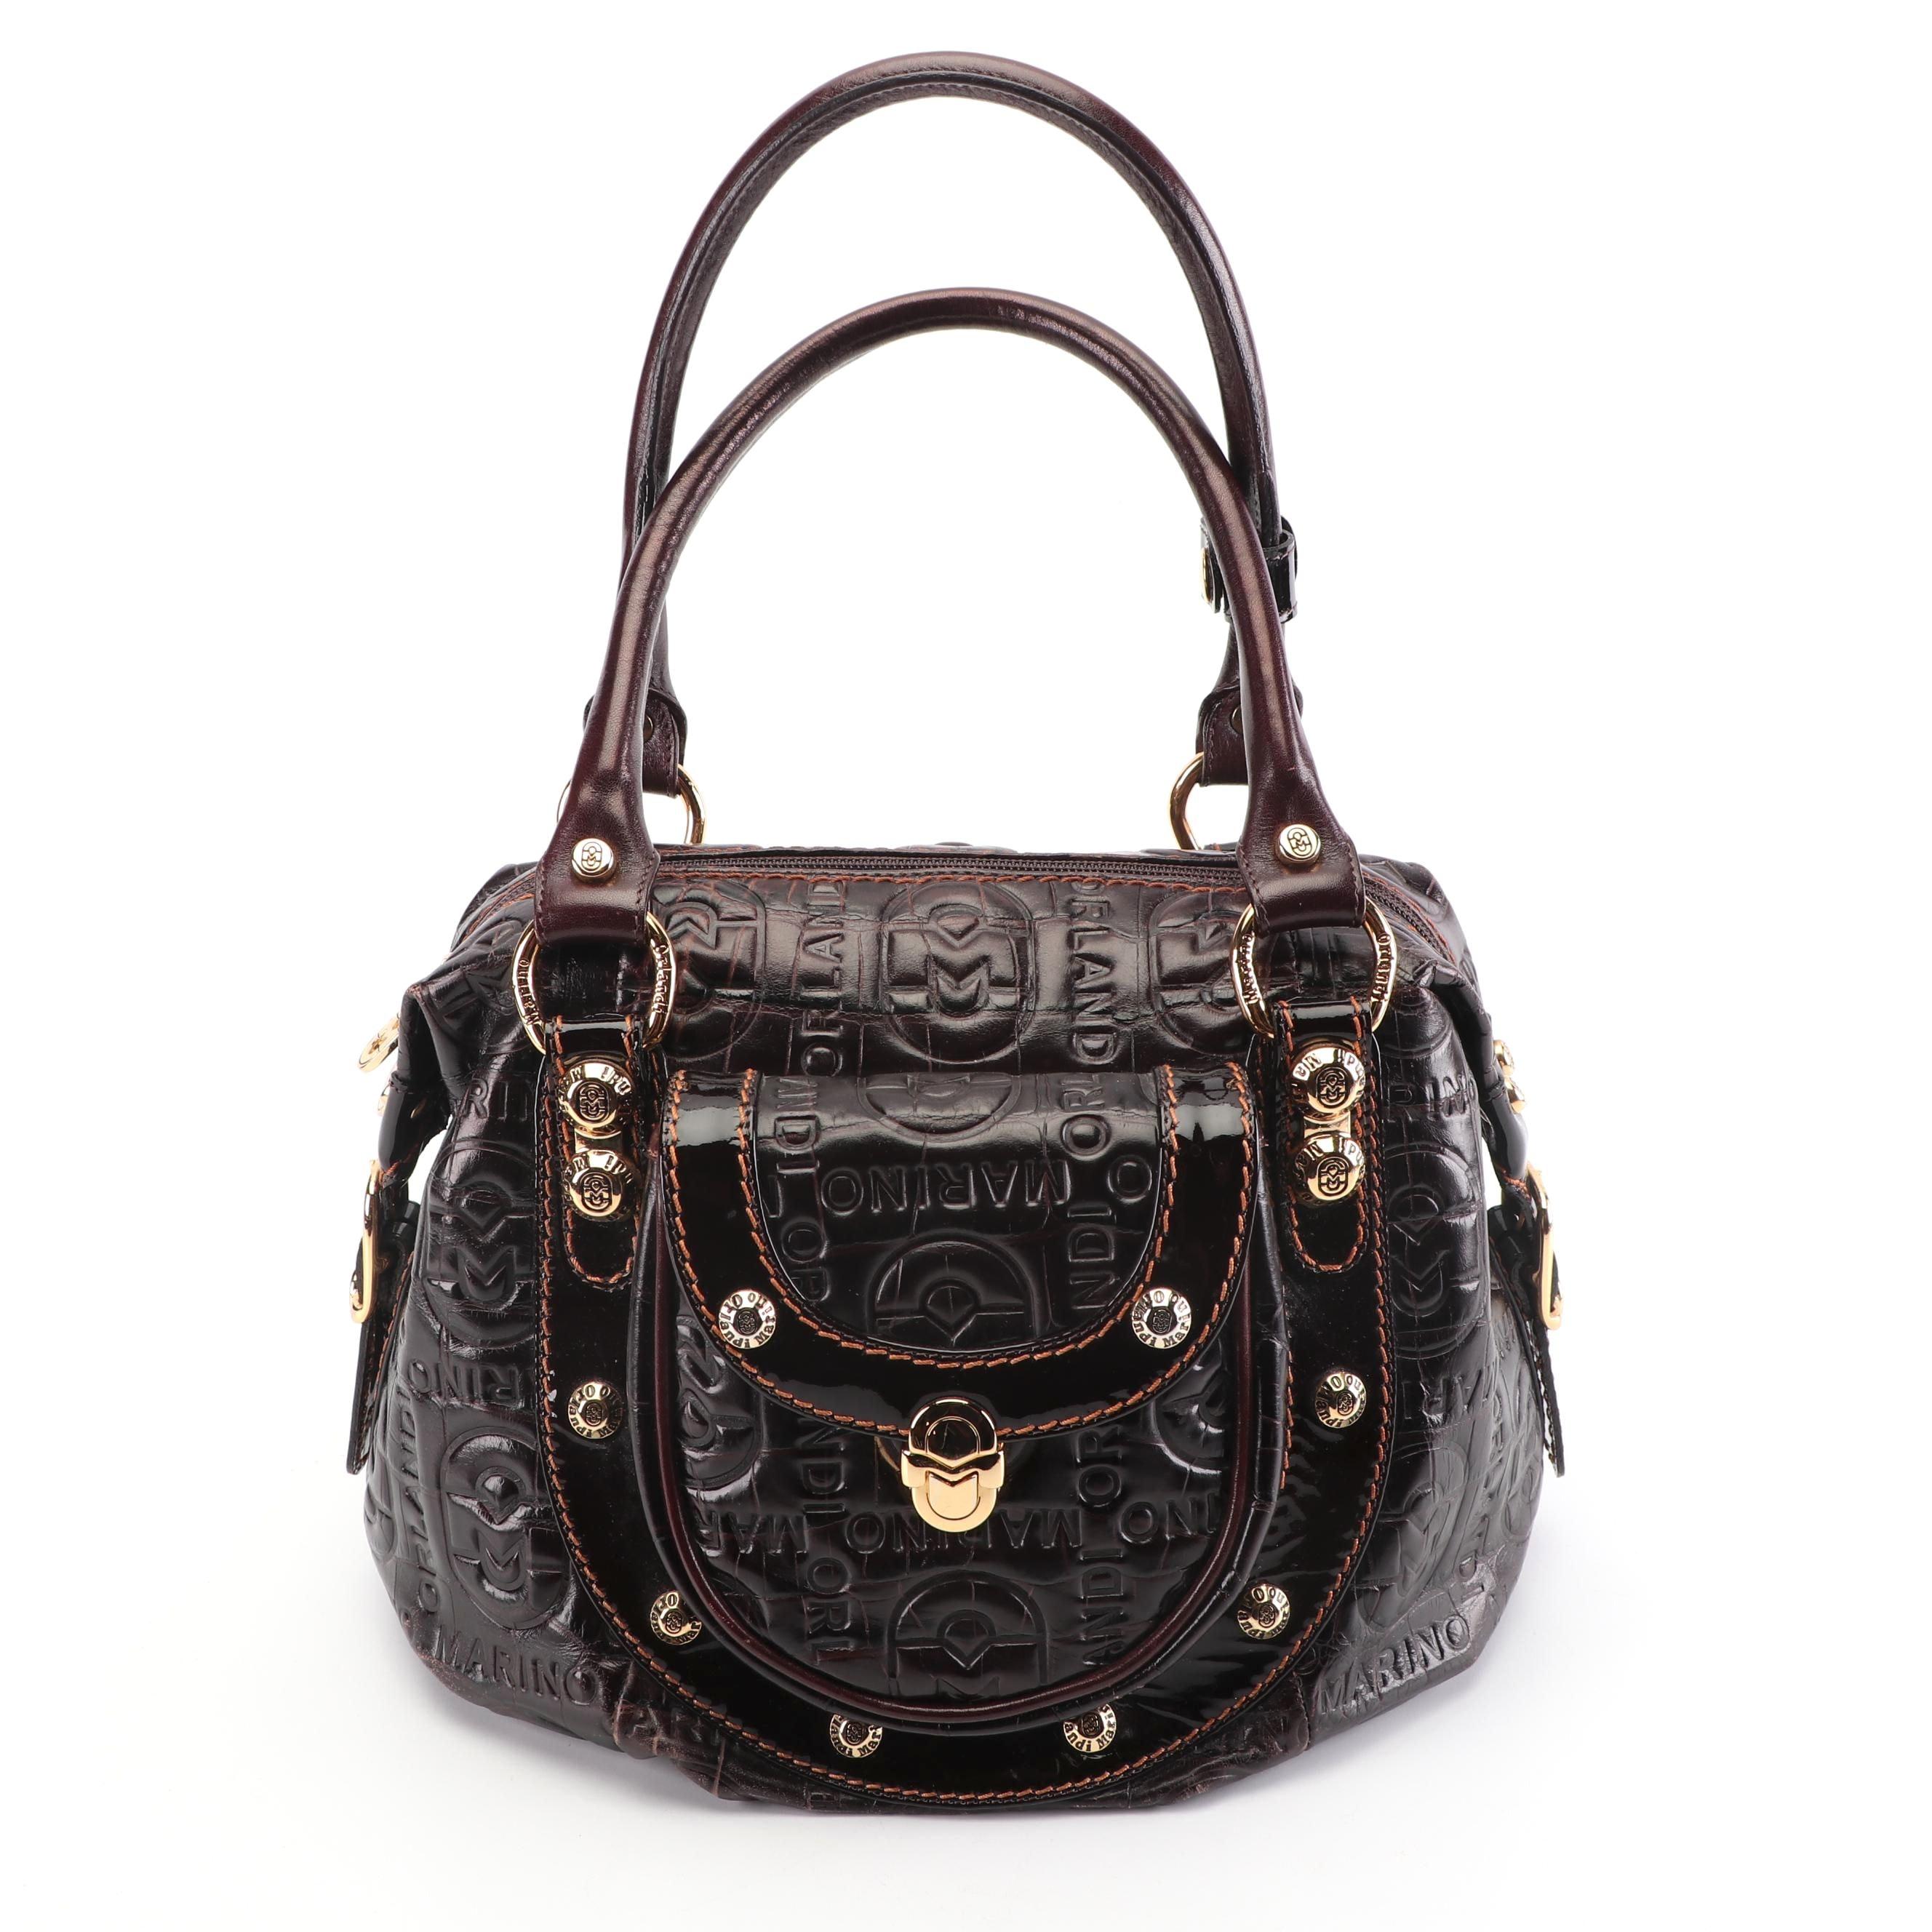 Marino Orlandi Signature Embossed Dark Brown Leather Handbag, Made in Italy